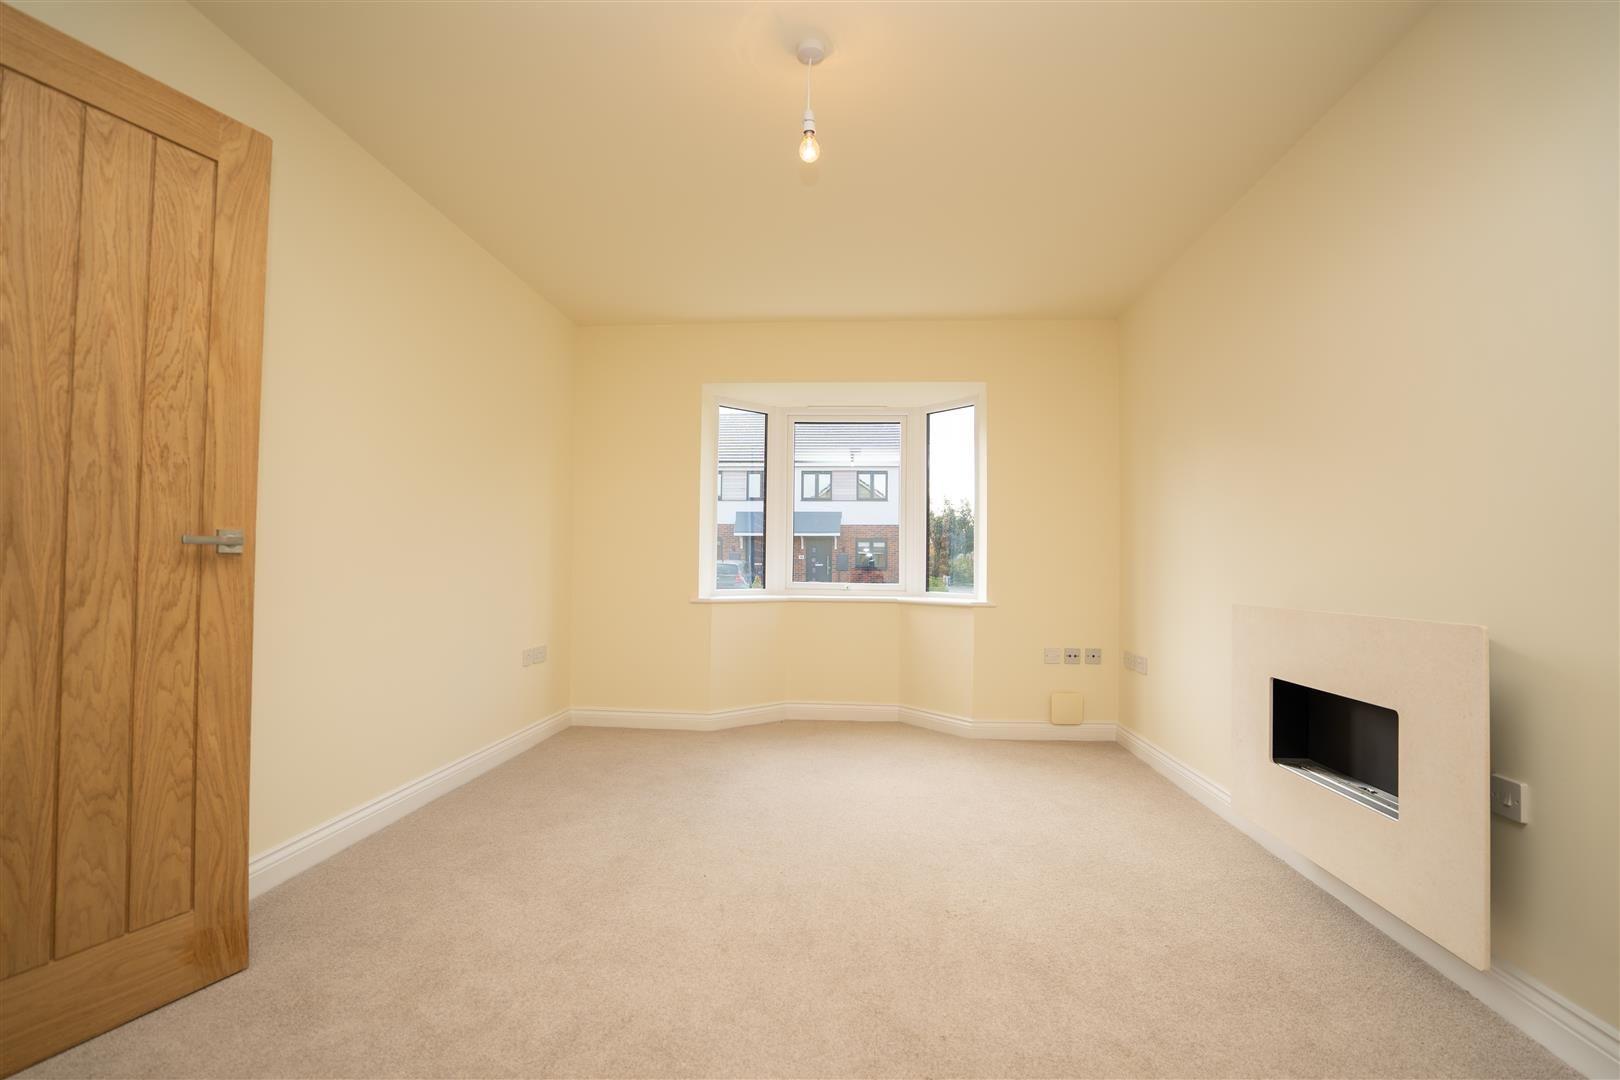 4 bed detached for sale in Kingsland  - Property Image 4